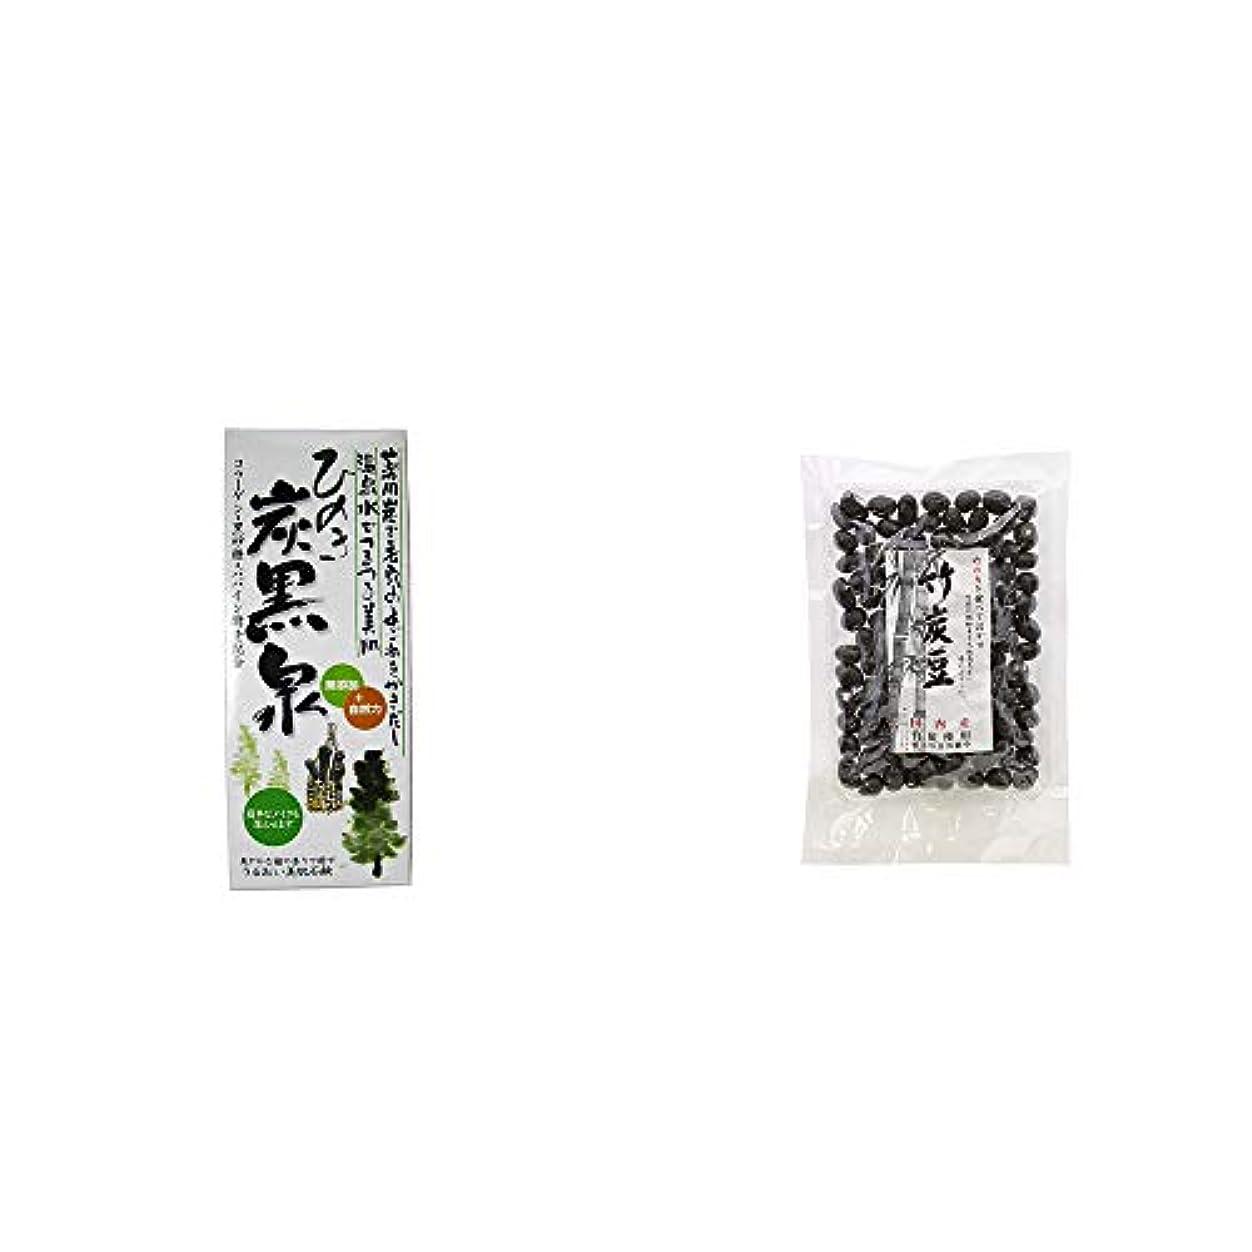 老人休戦激怒[2点セット] ひのき炭黒泉 箱入り(75g×3)?国内産 竹炭使用 竹炭豆(160g)